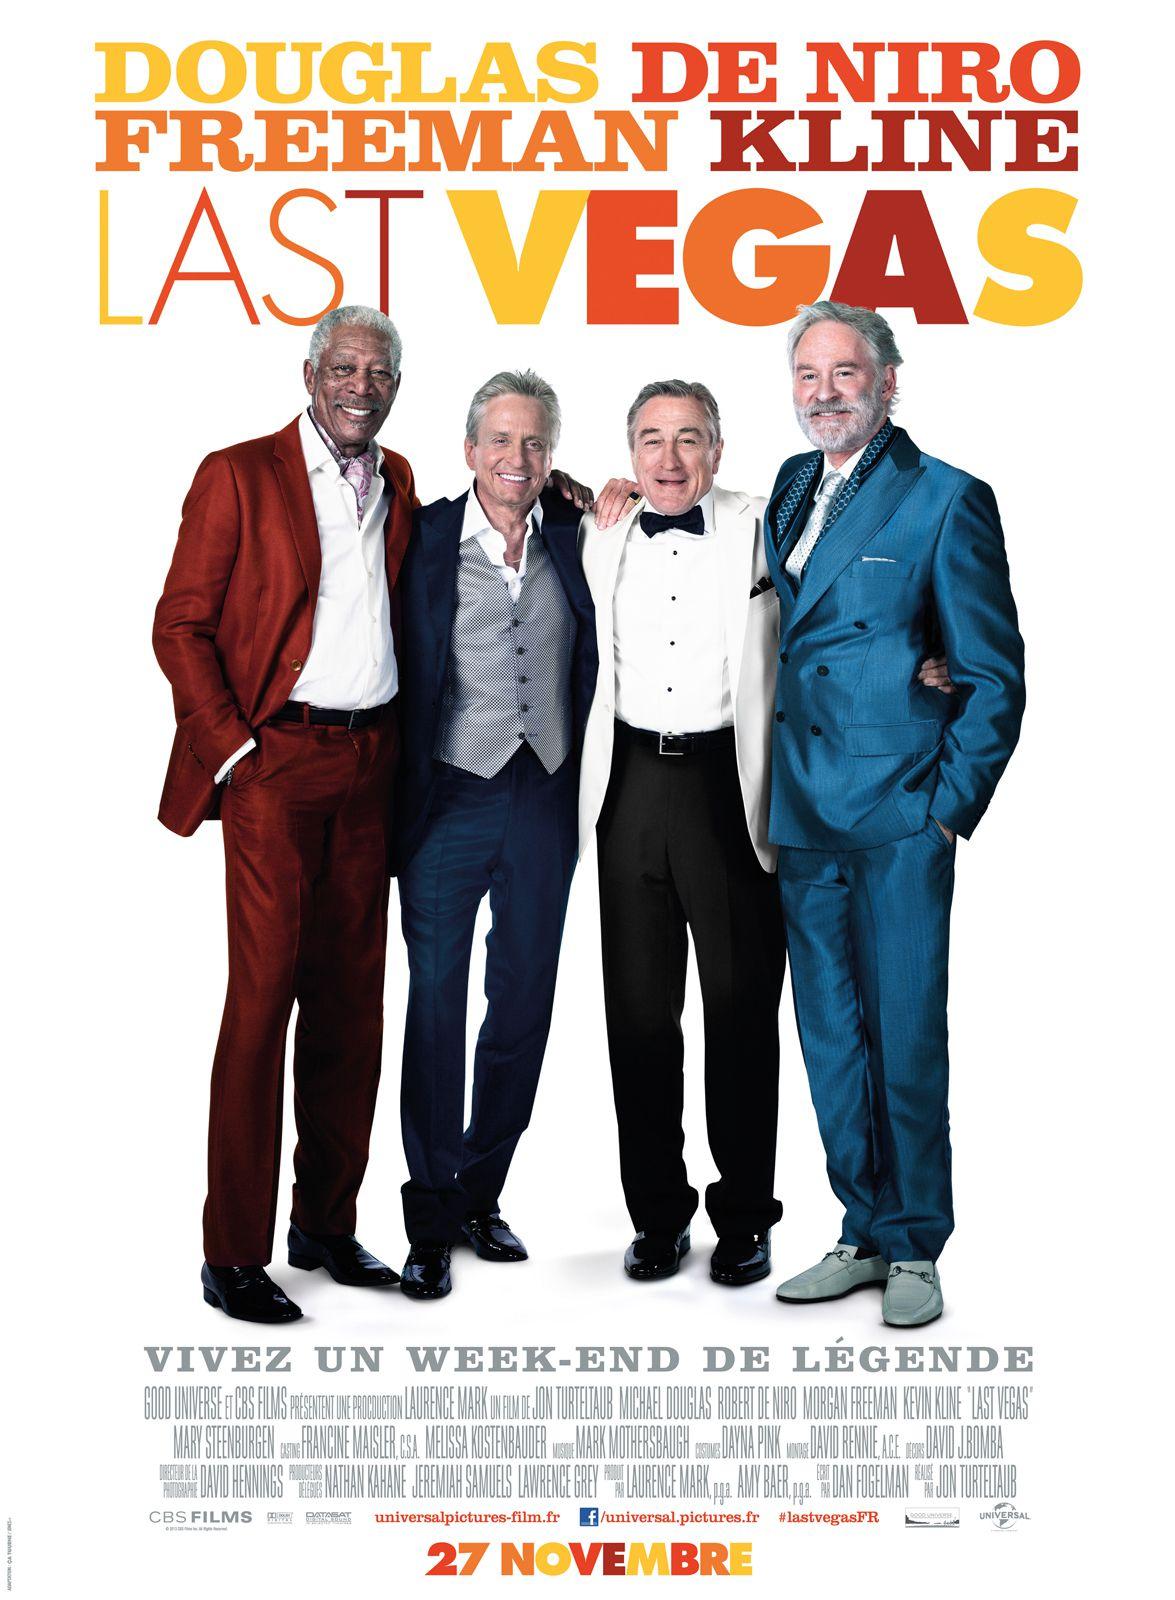 Last Vegas - Film (2013)